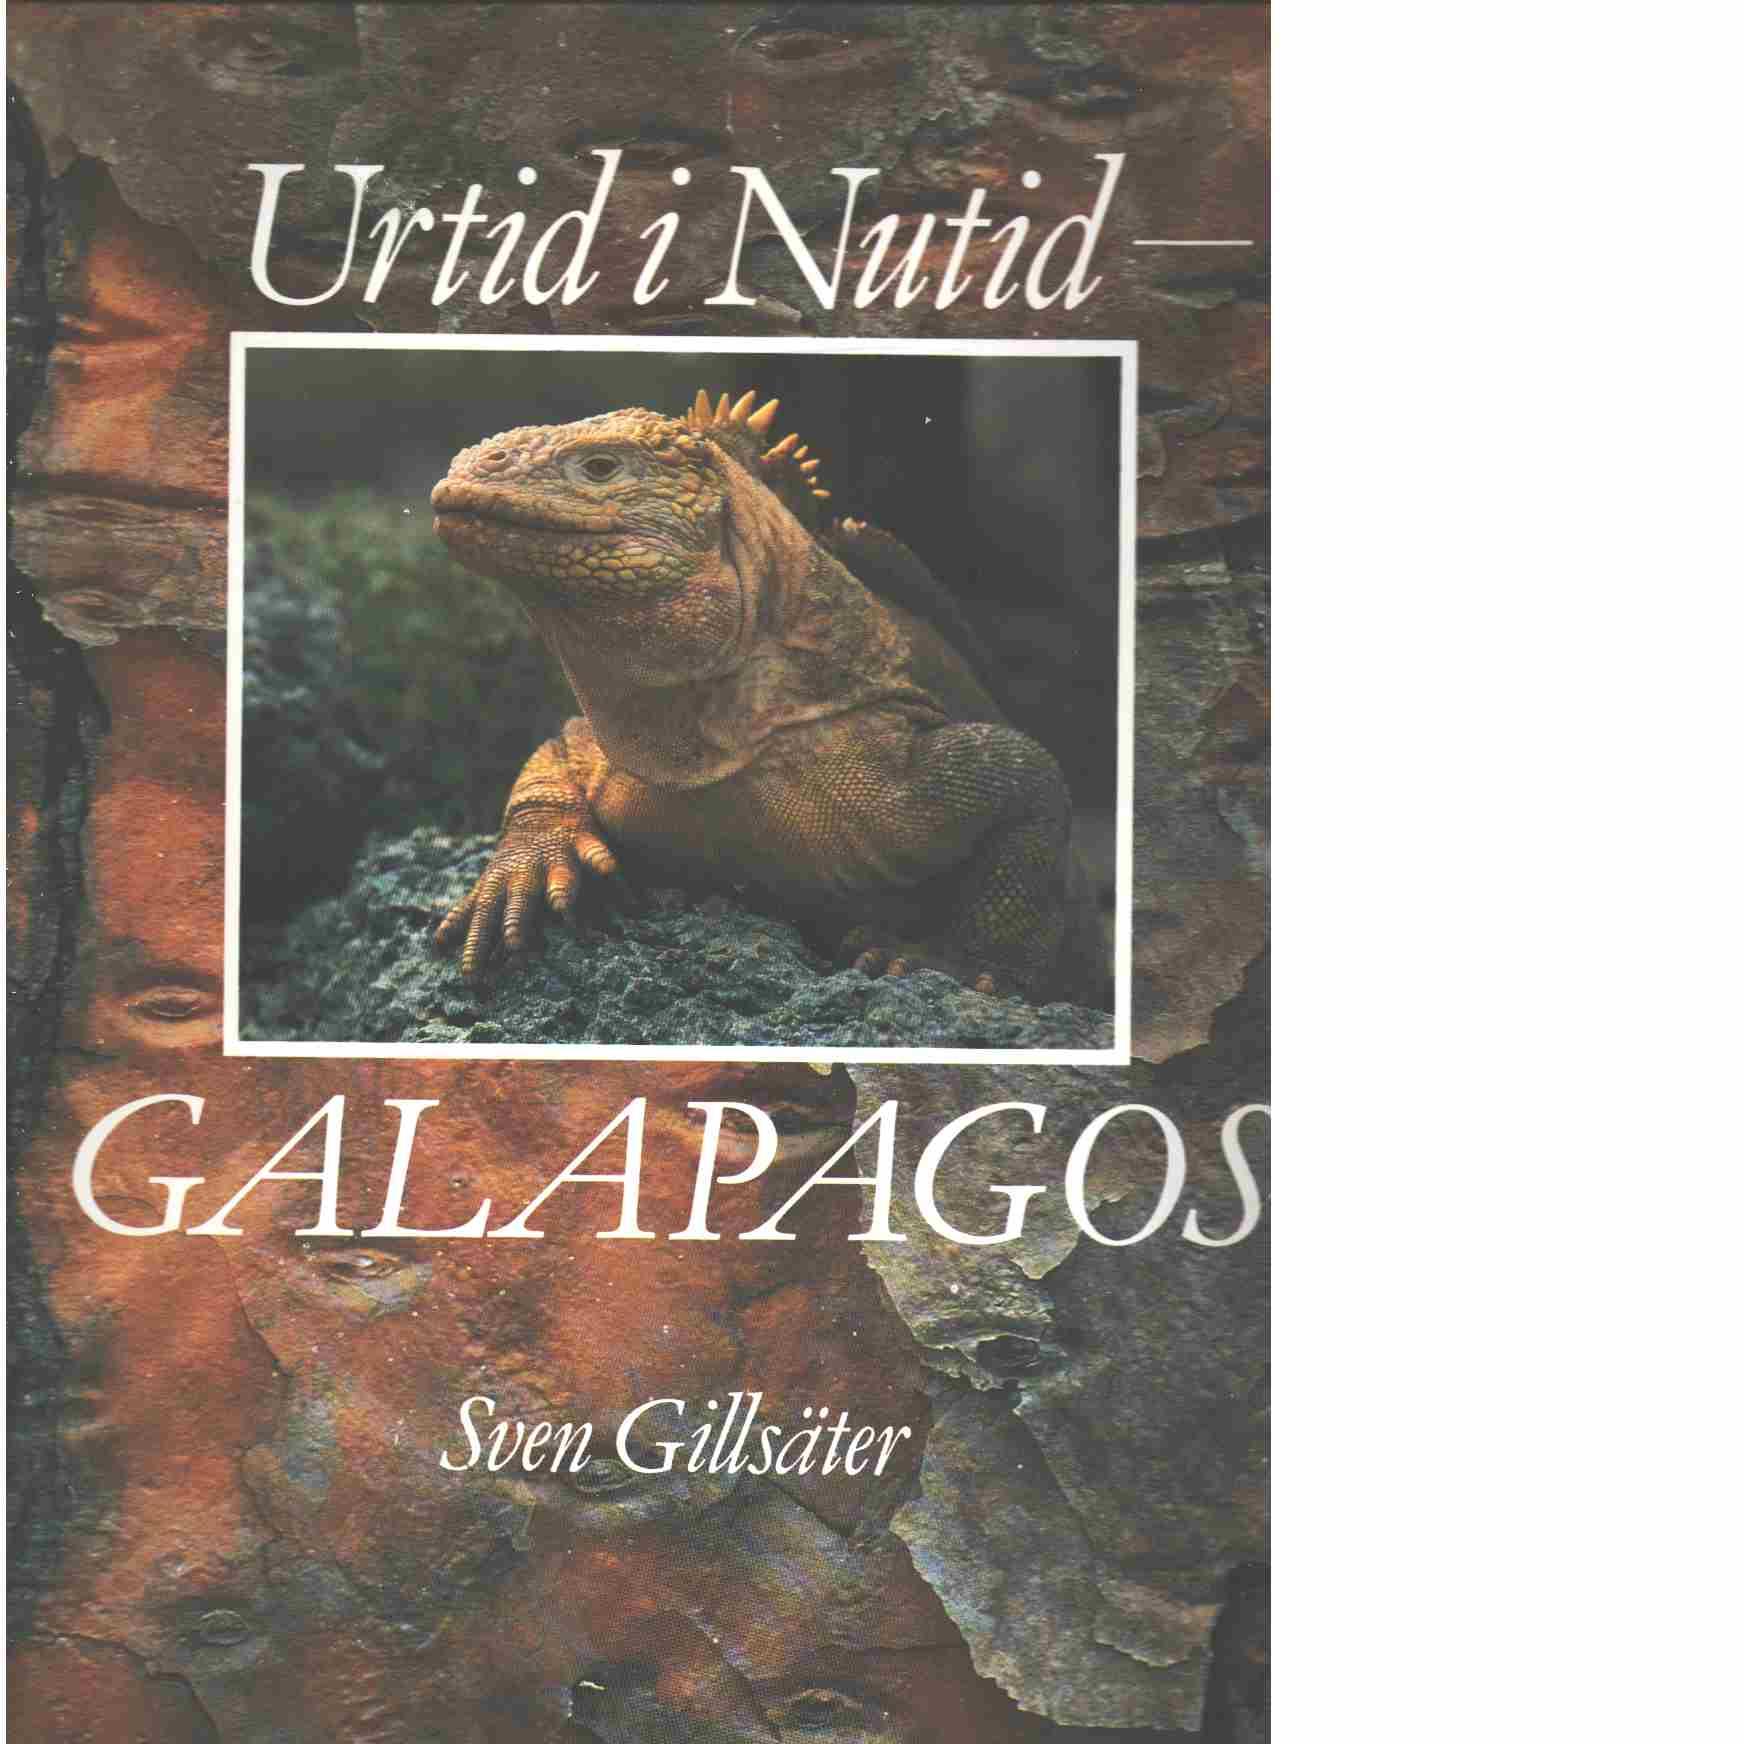 Urtid i nutid : Galapagos - Gillsäter, Sven